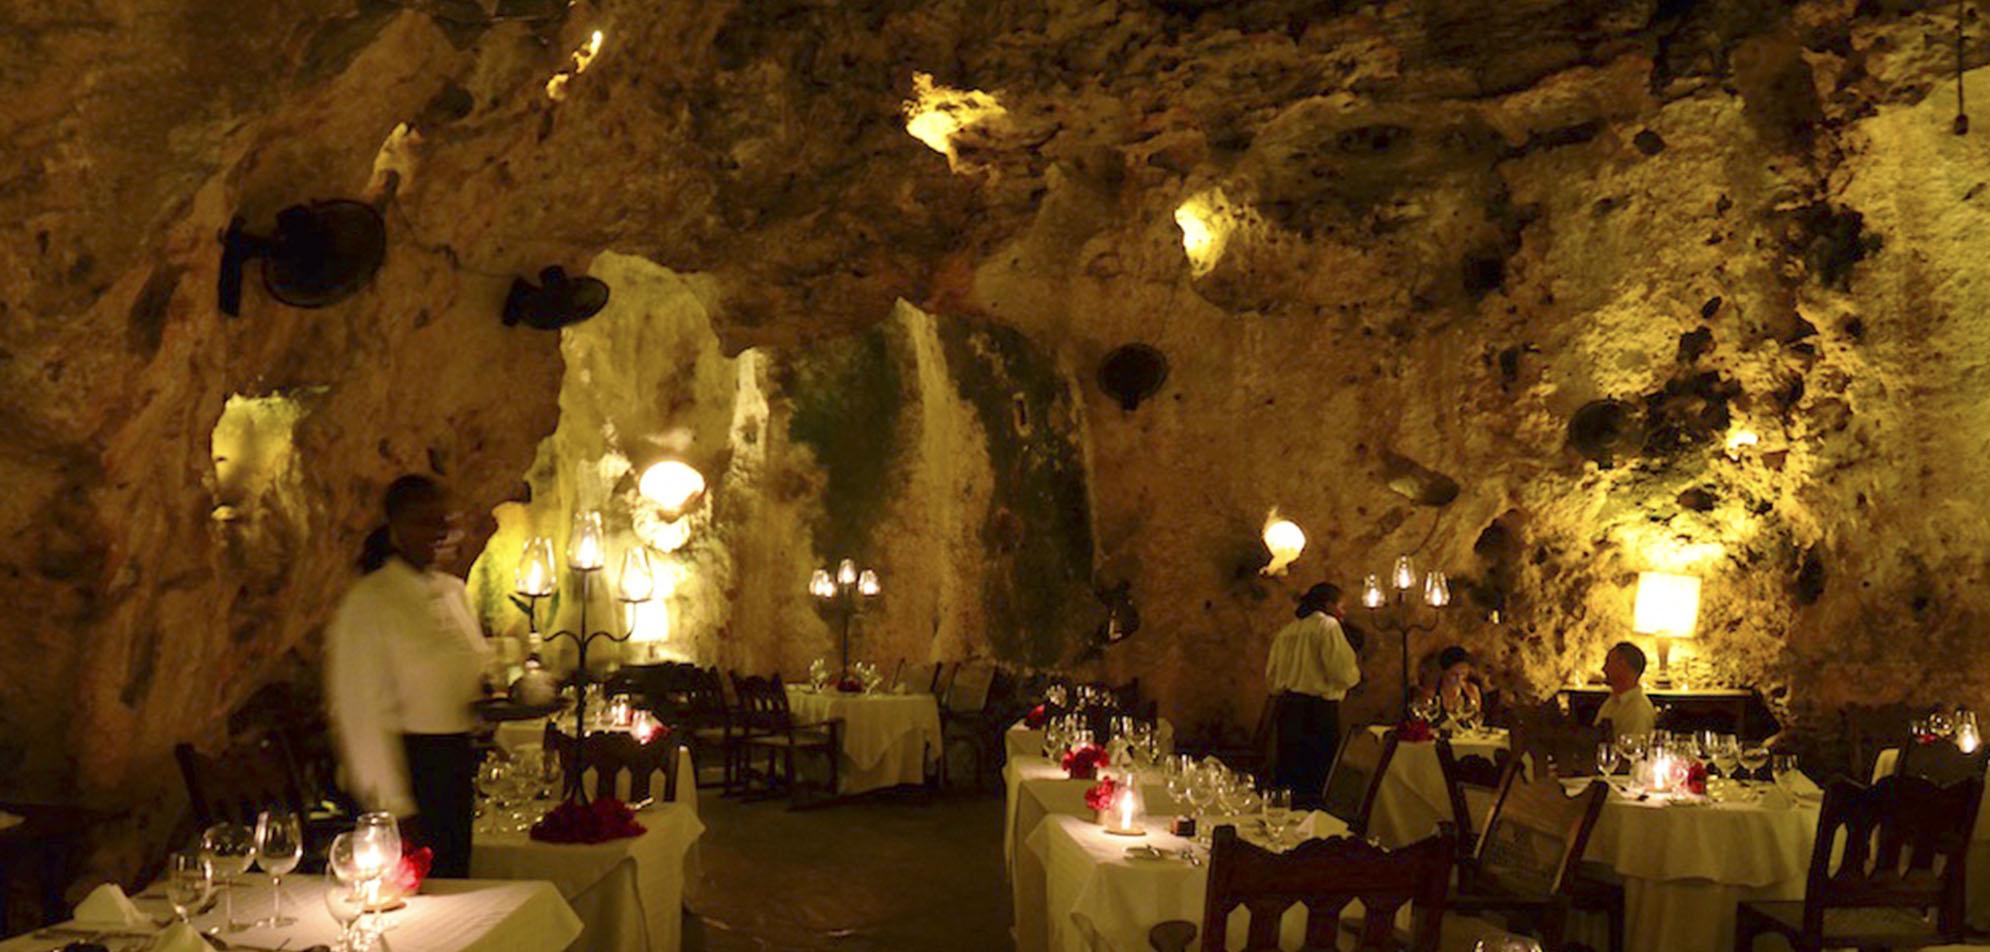 Ali-Barbour-Restaurante en una cueva- Kenia